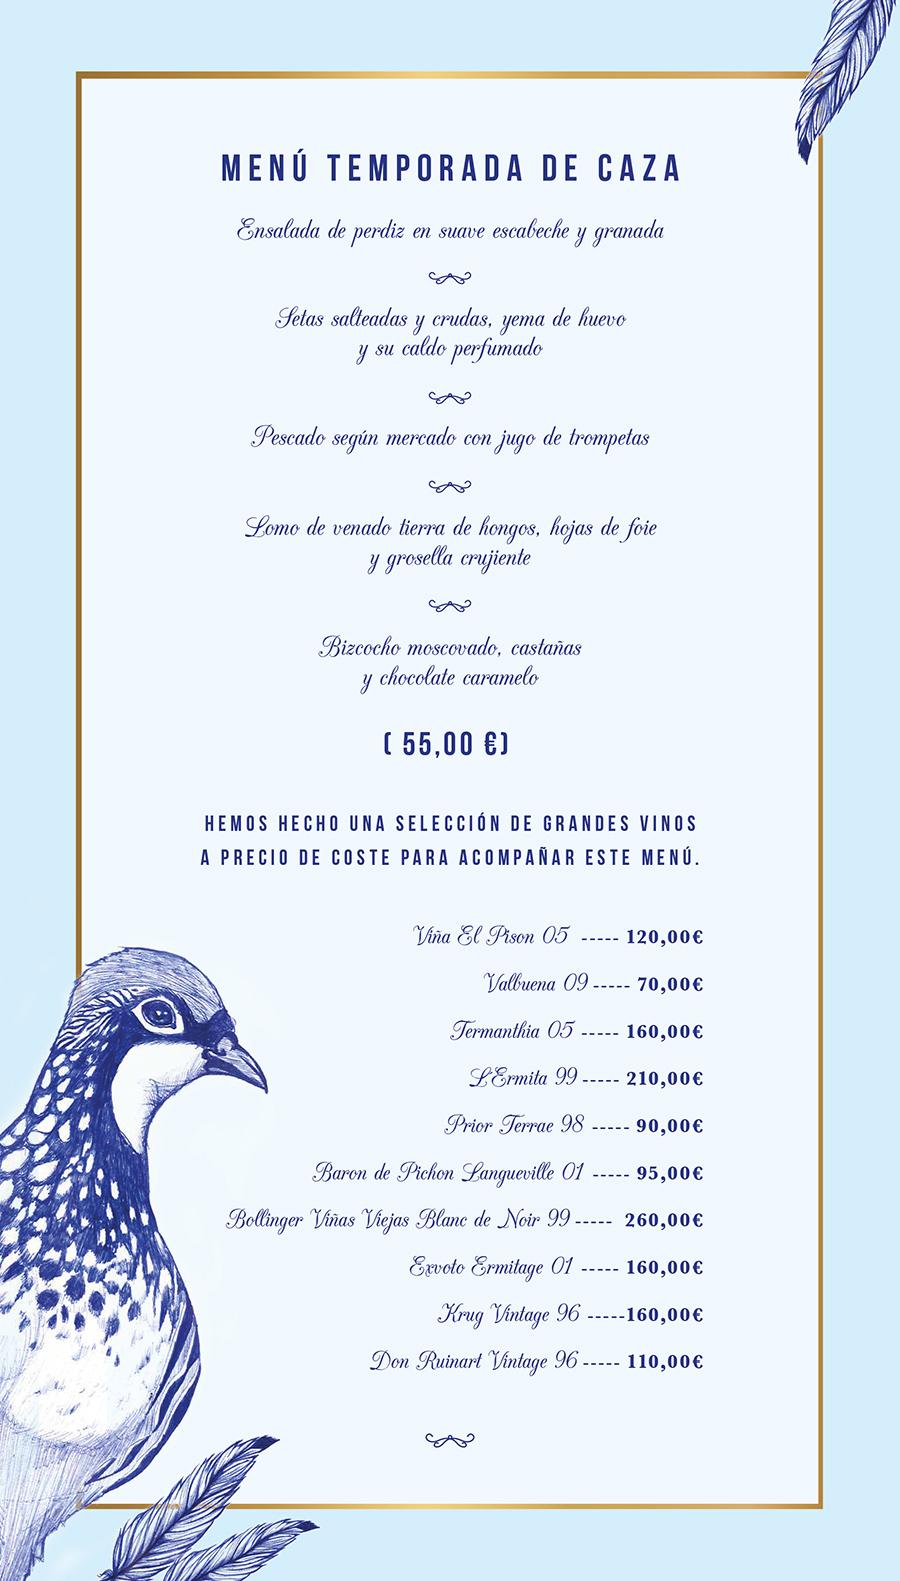 santander-menu-caza-el-nuevo-molino